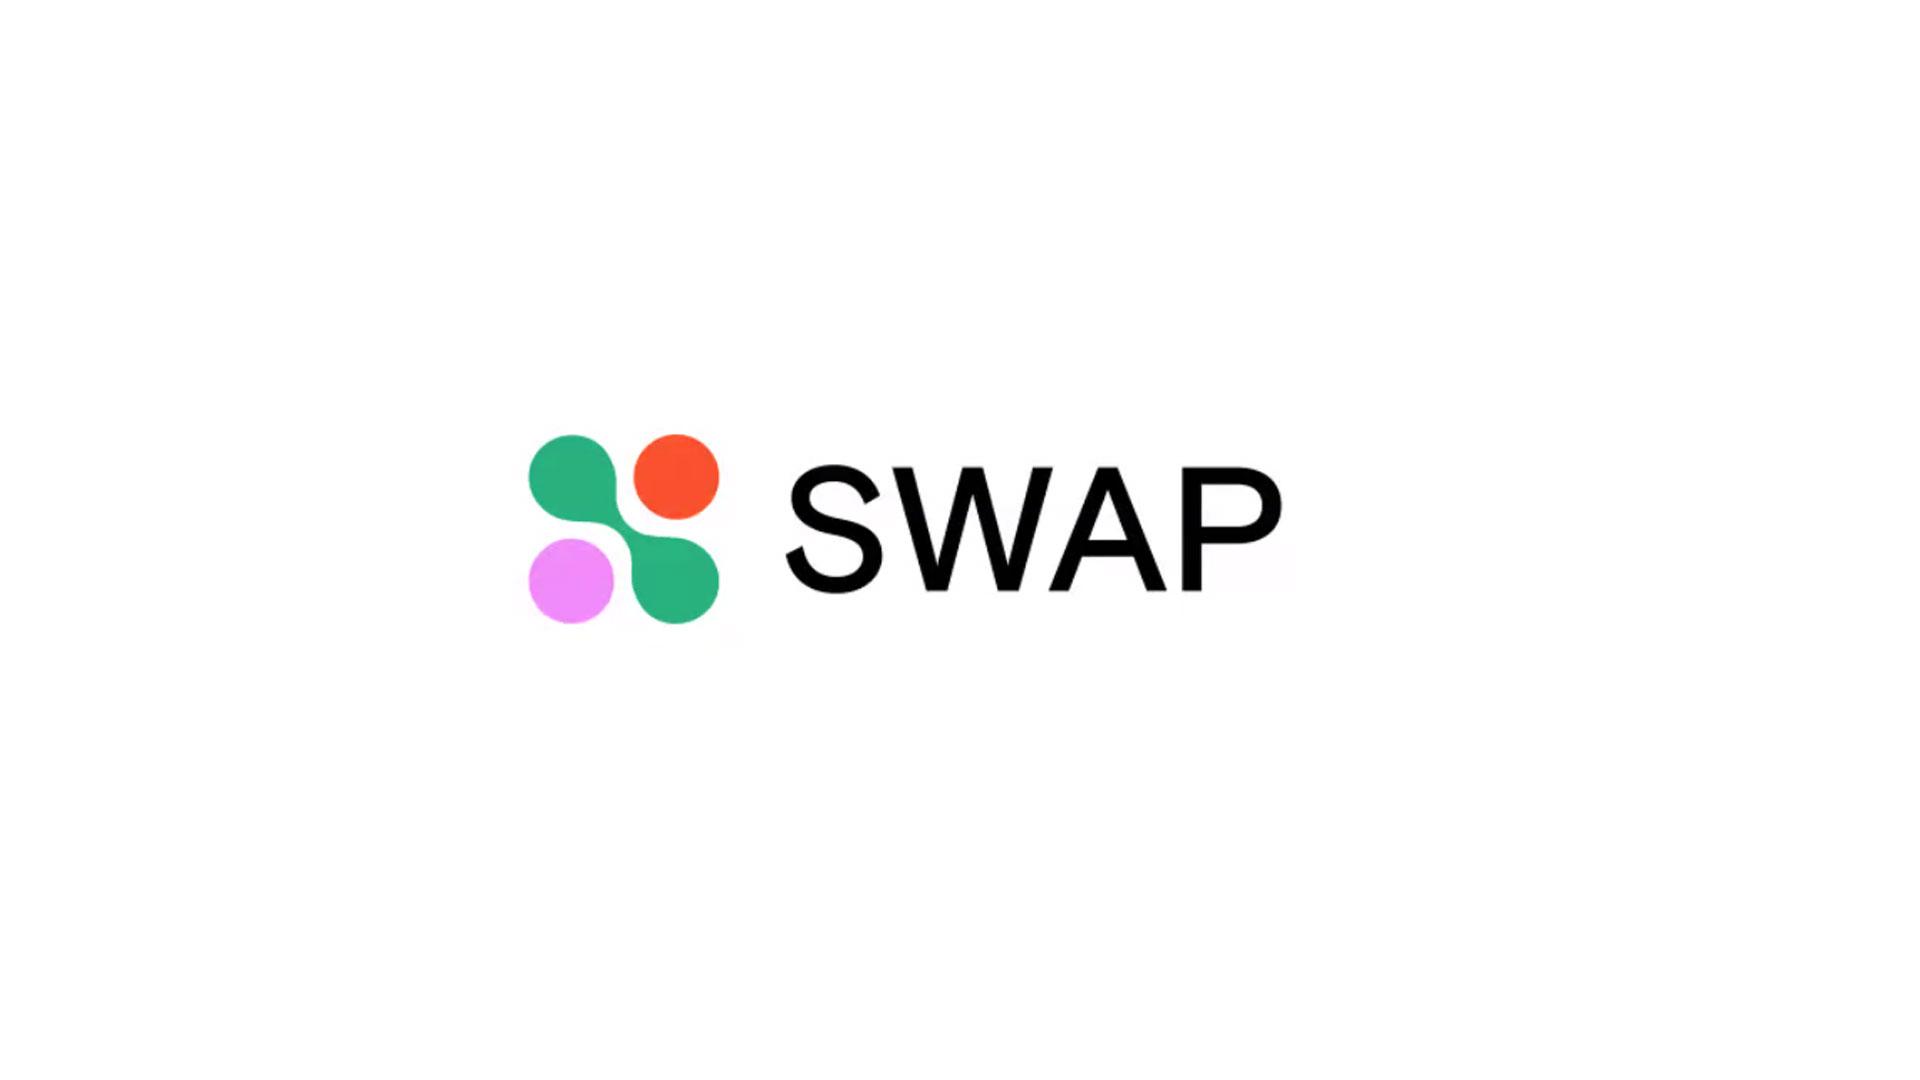 logo for swap